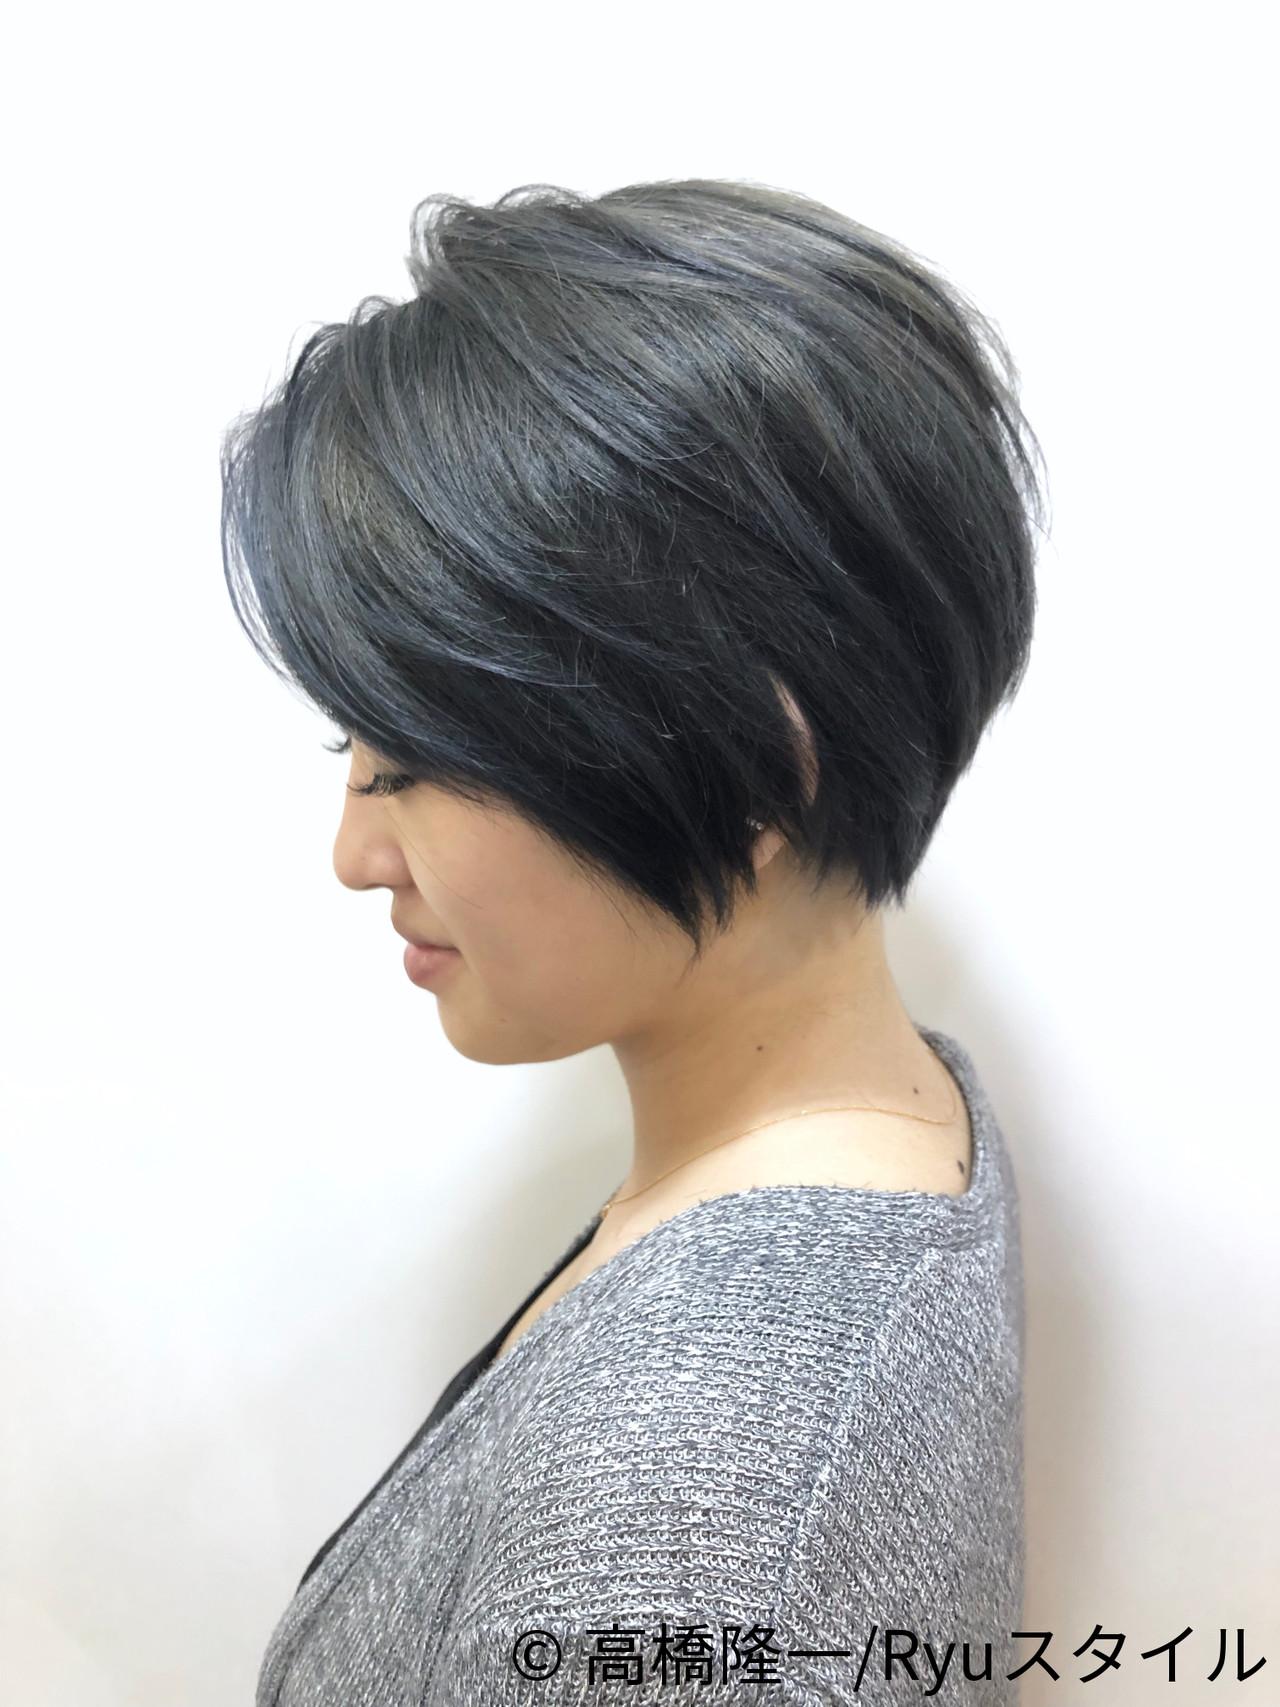 モード イルミナカラー ダークグレー 透明感カラー ヘアスタイルや髪型の写真・画像